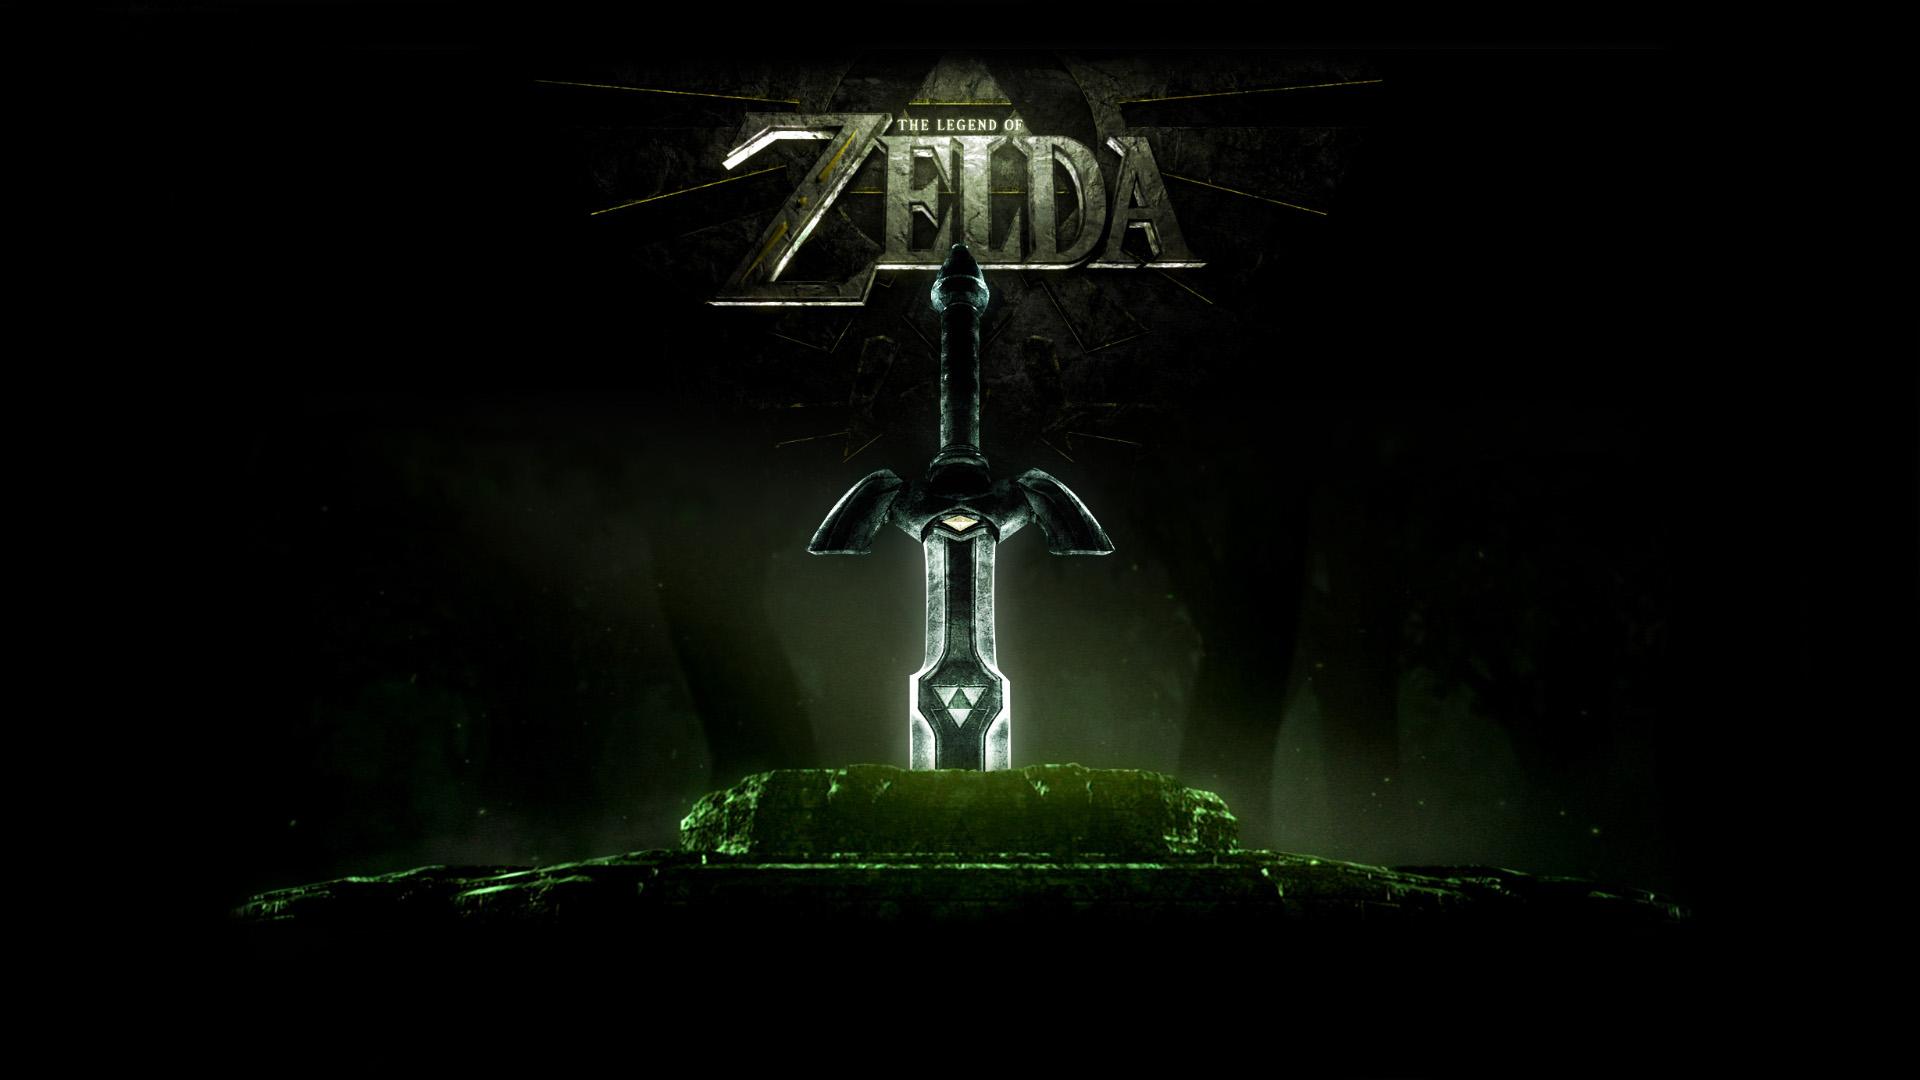 Zelda 1080p 1920x1080